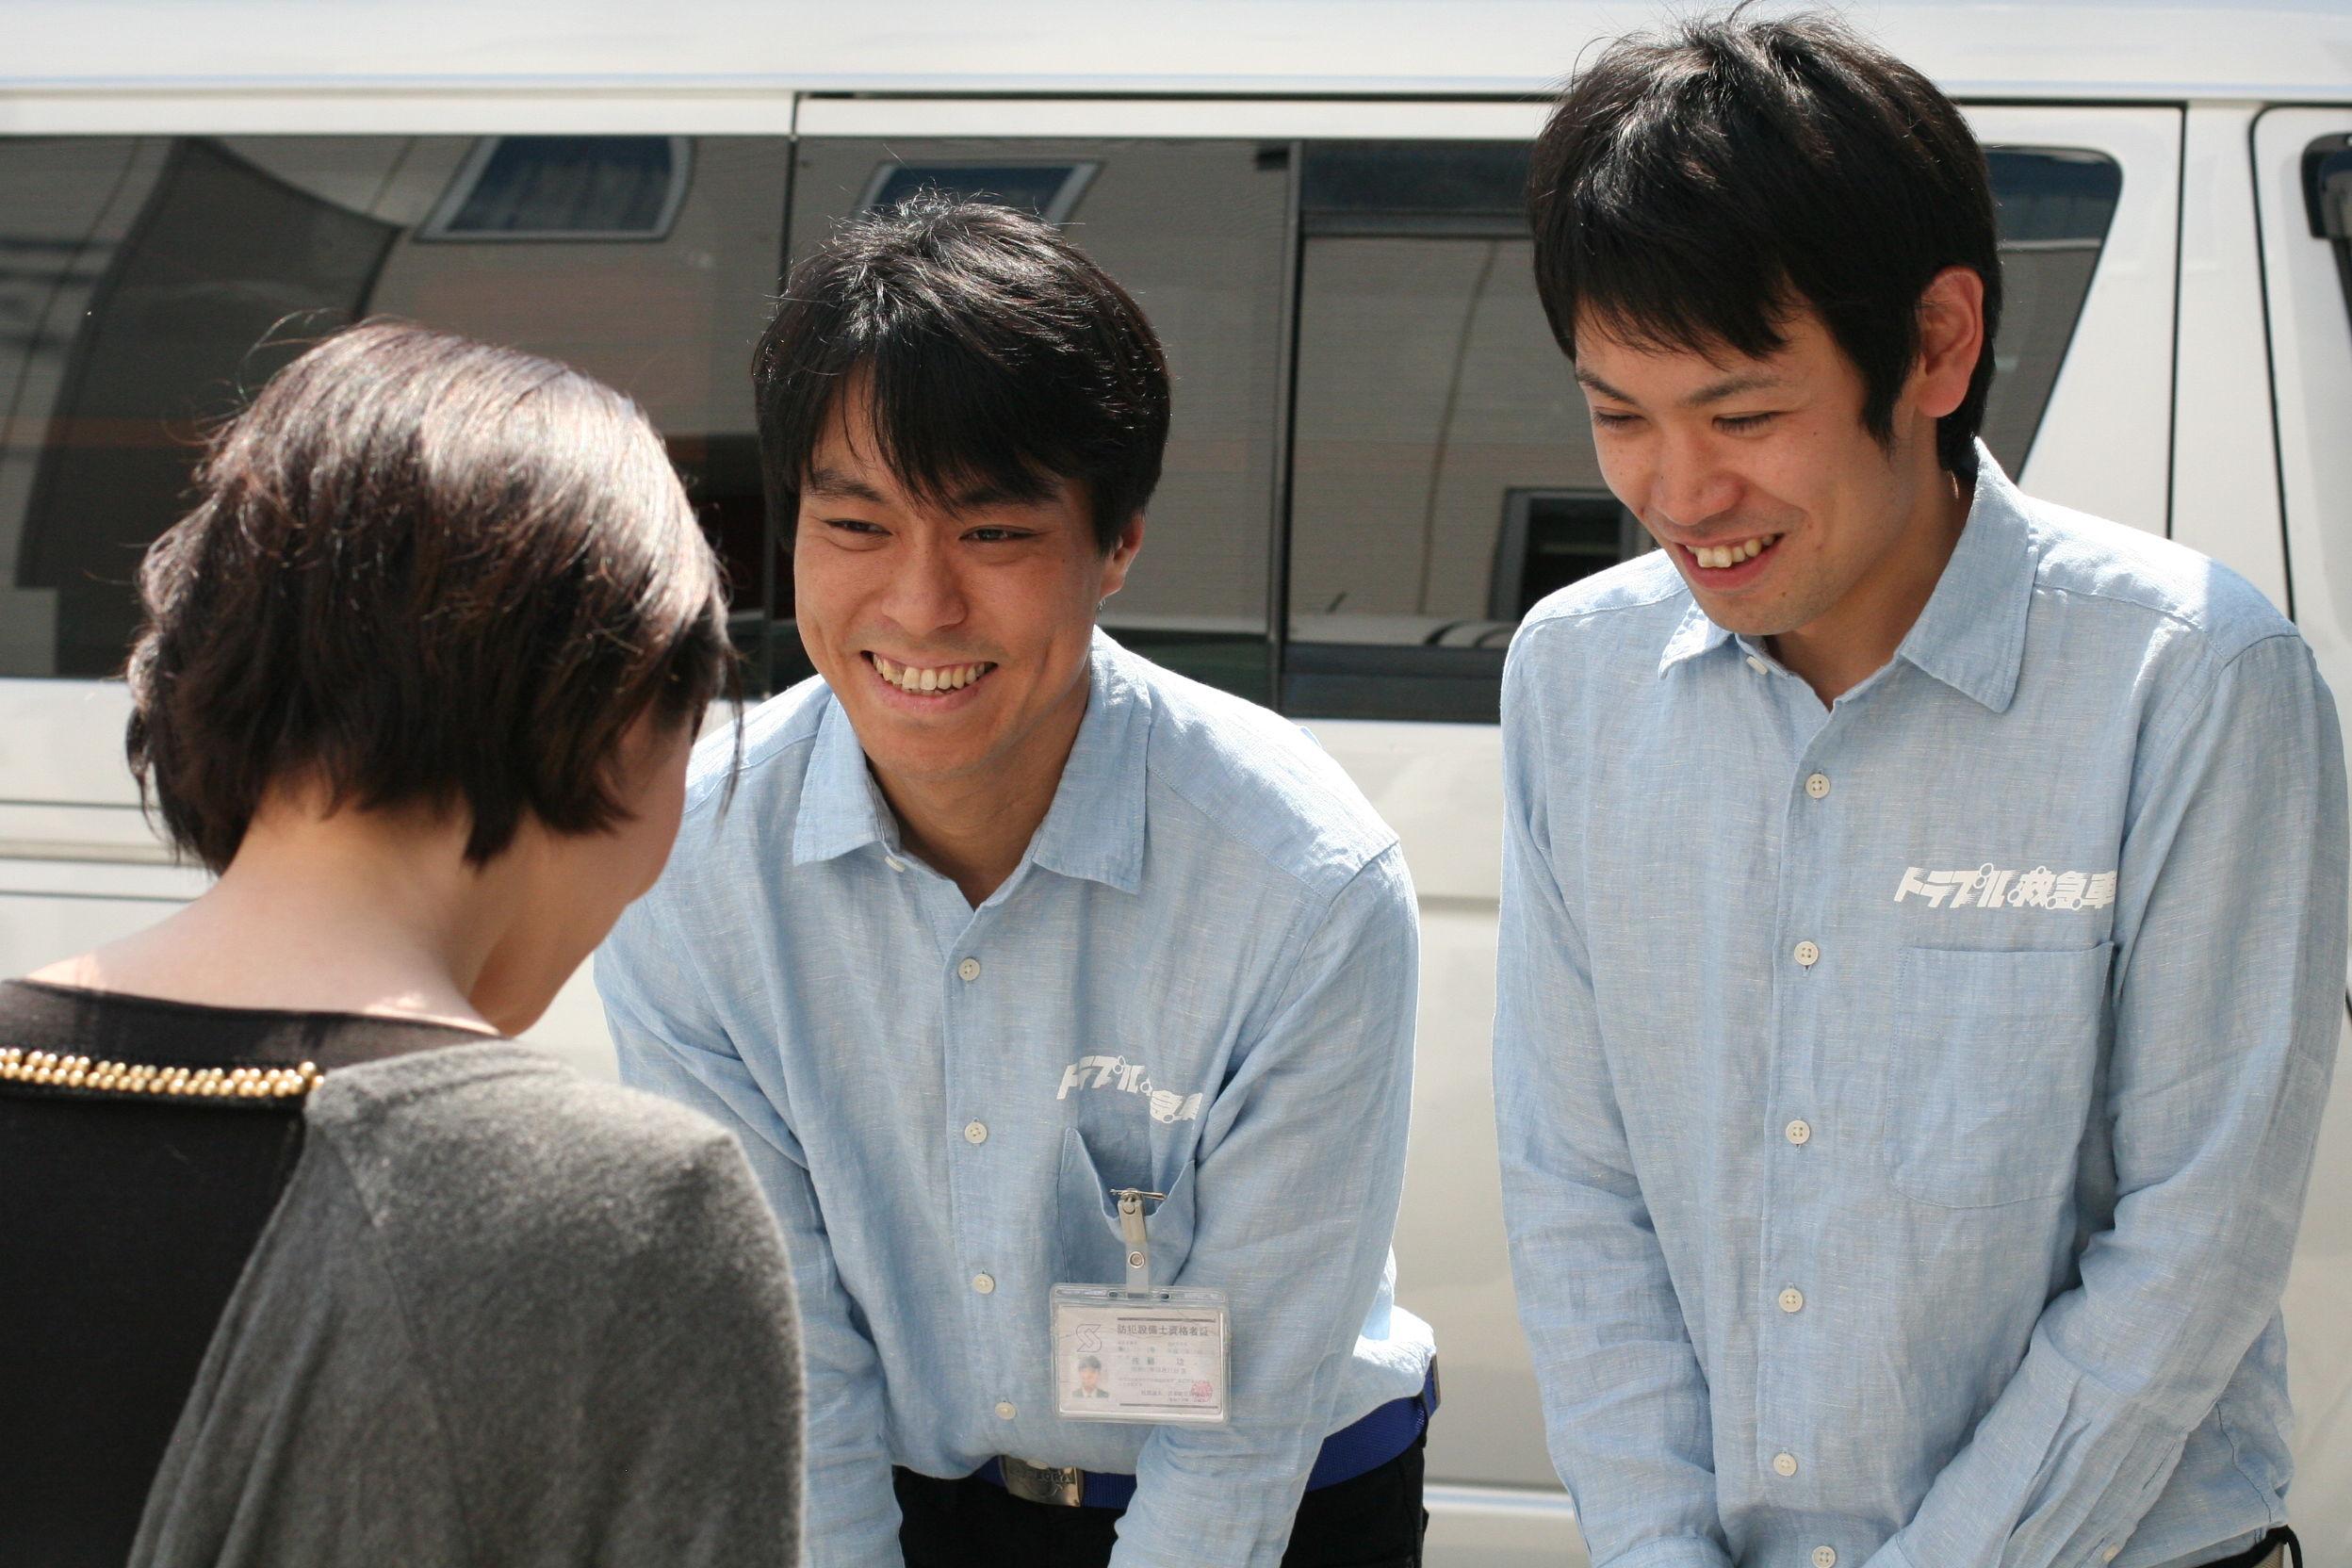 鍵のトラブル救急車【大垣市 出張エリア】のアピールポイント1